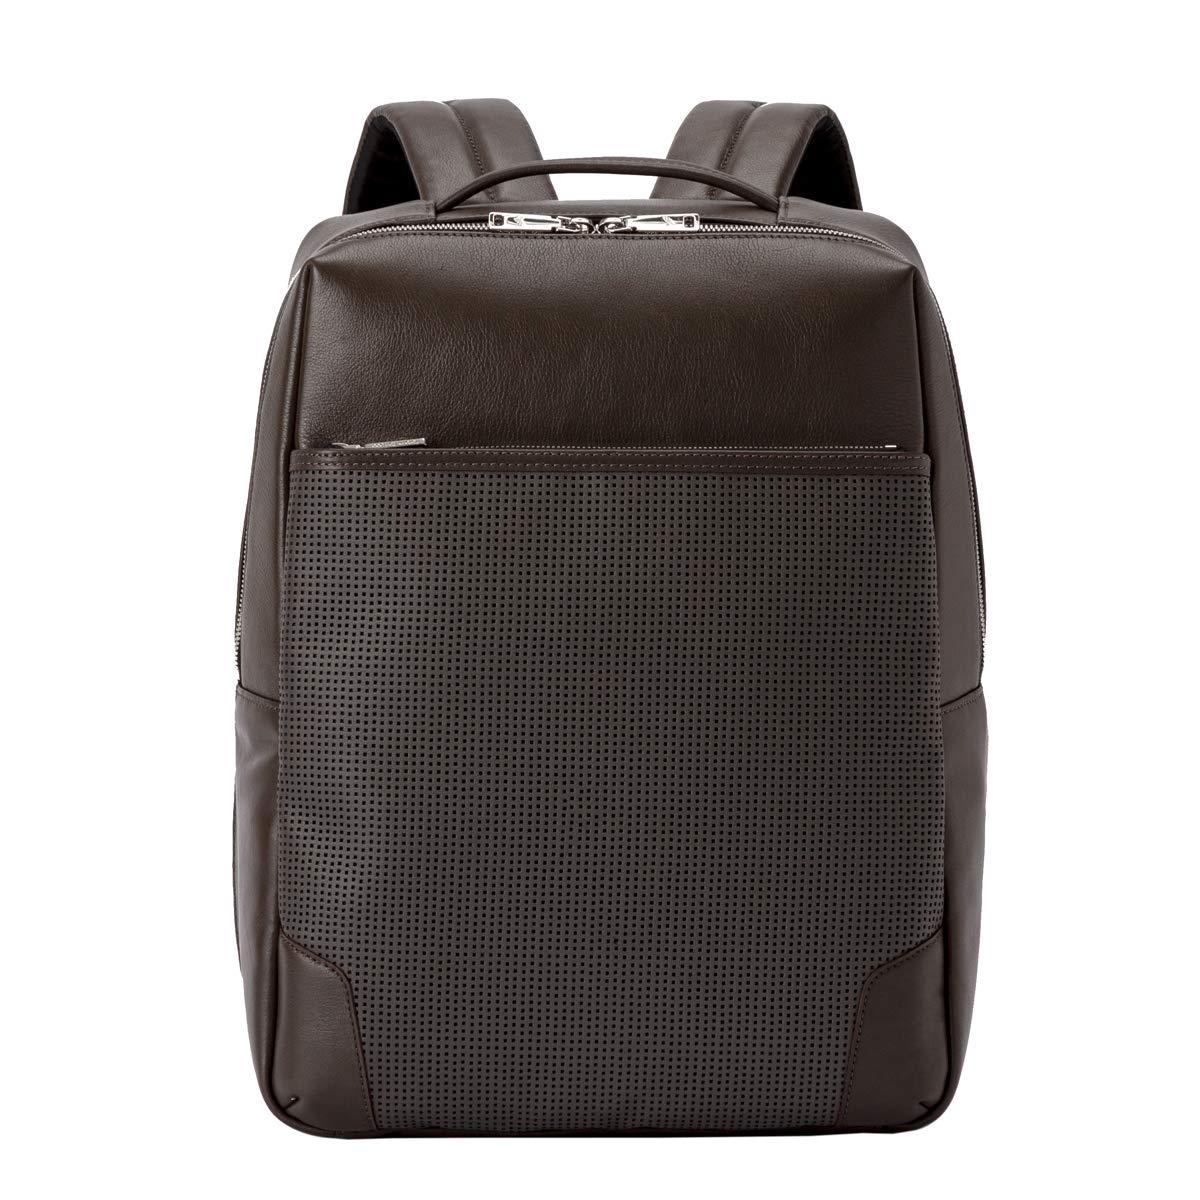 [トーテムリボー] ビジネスバックパック 豊岡鞄 soreソア 牛革 パンチング メンズ TRV0706 B07PS242J5 グレー